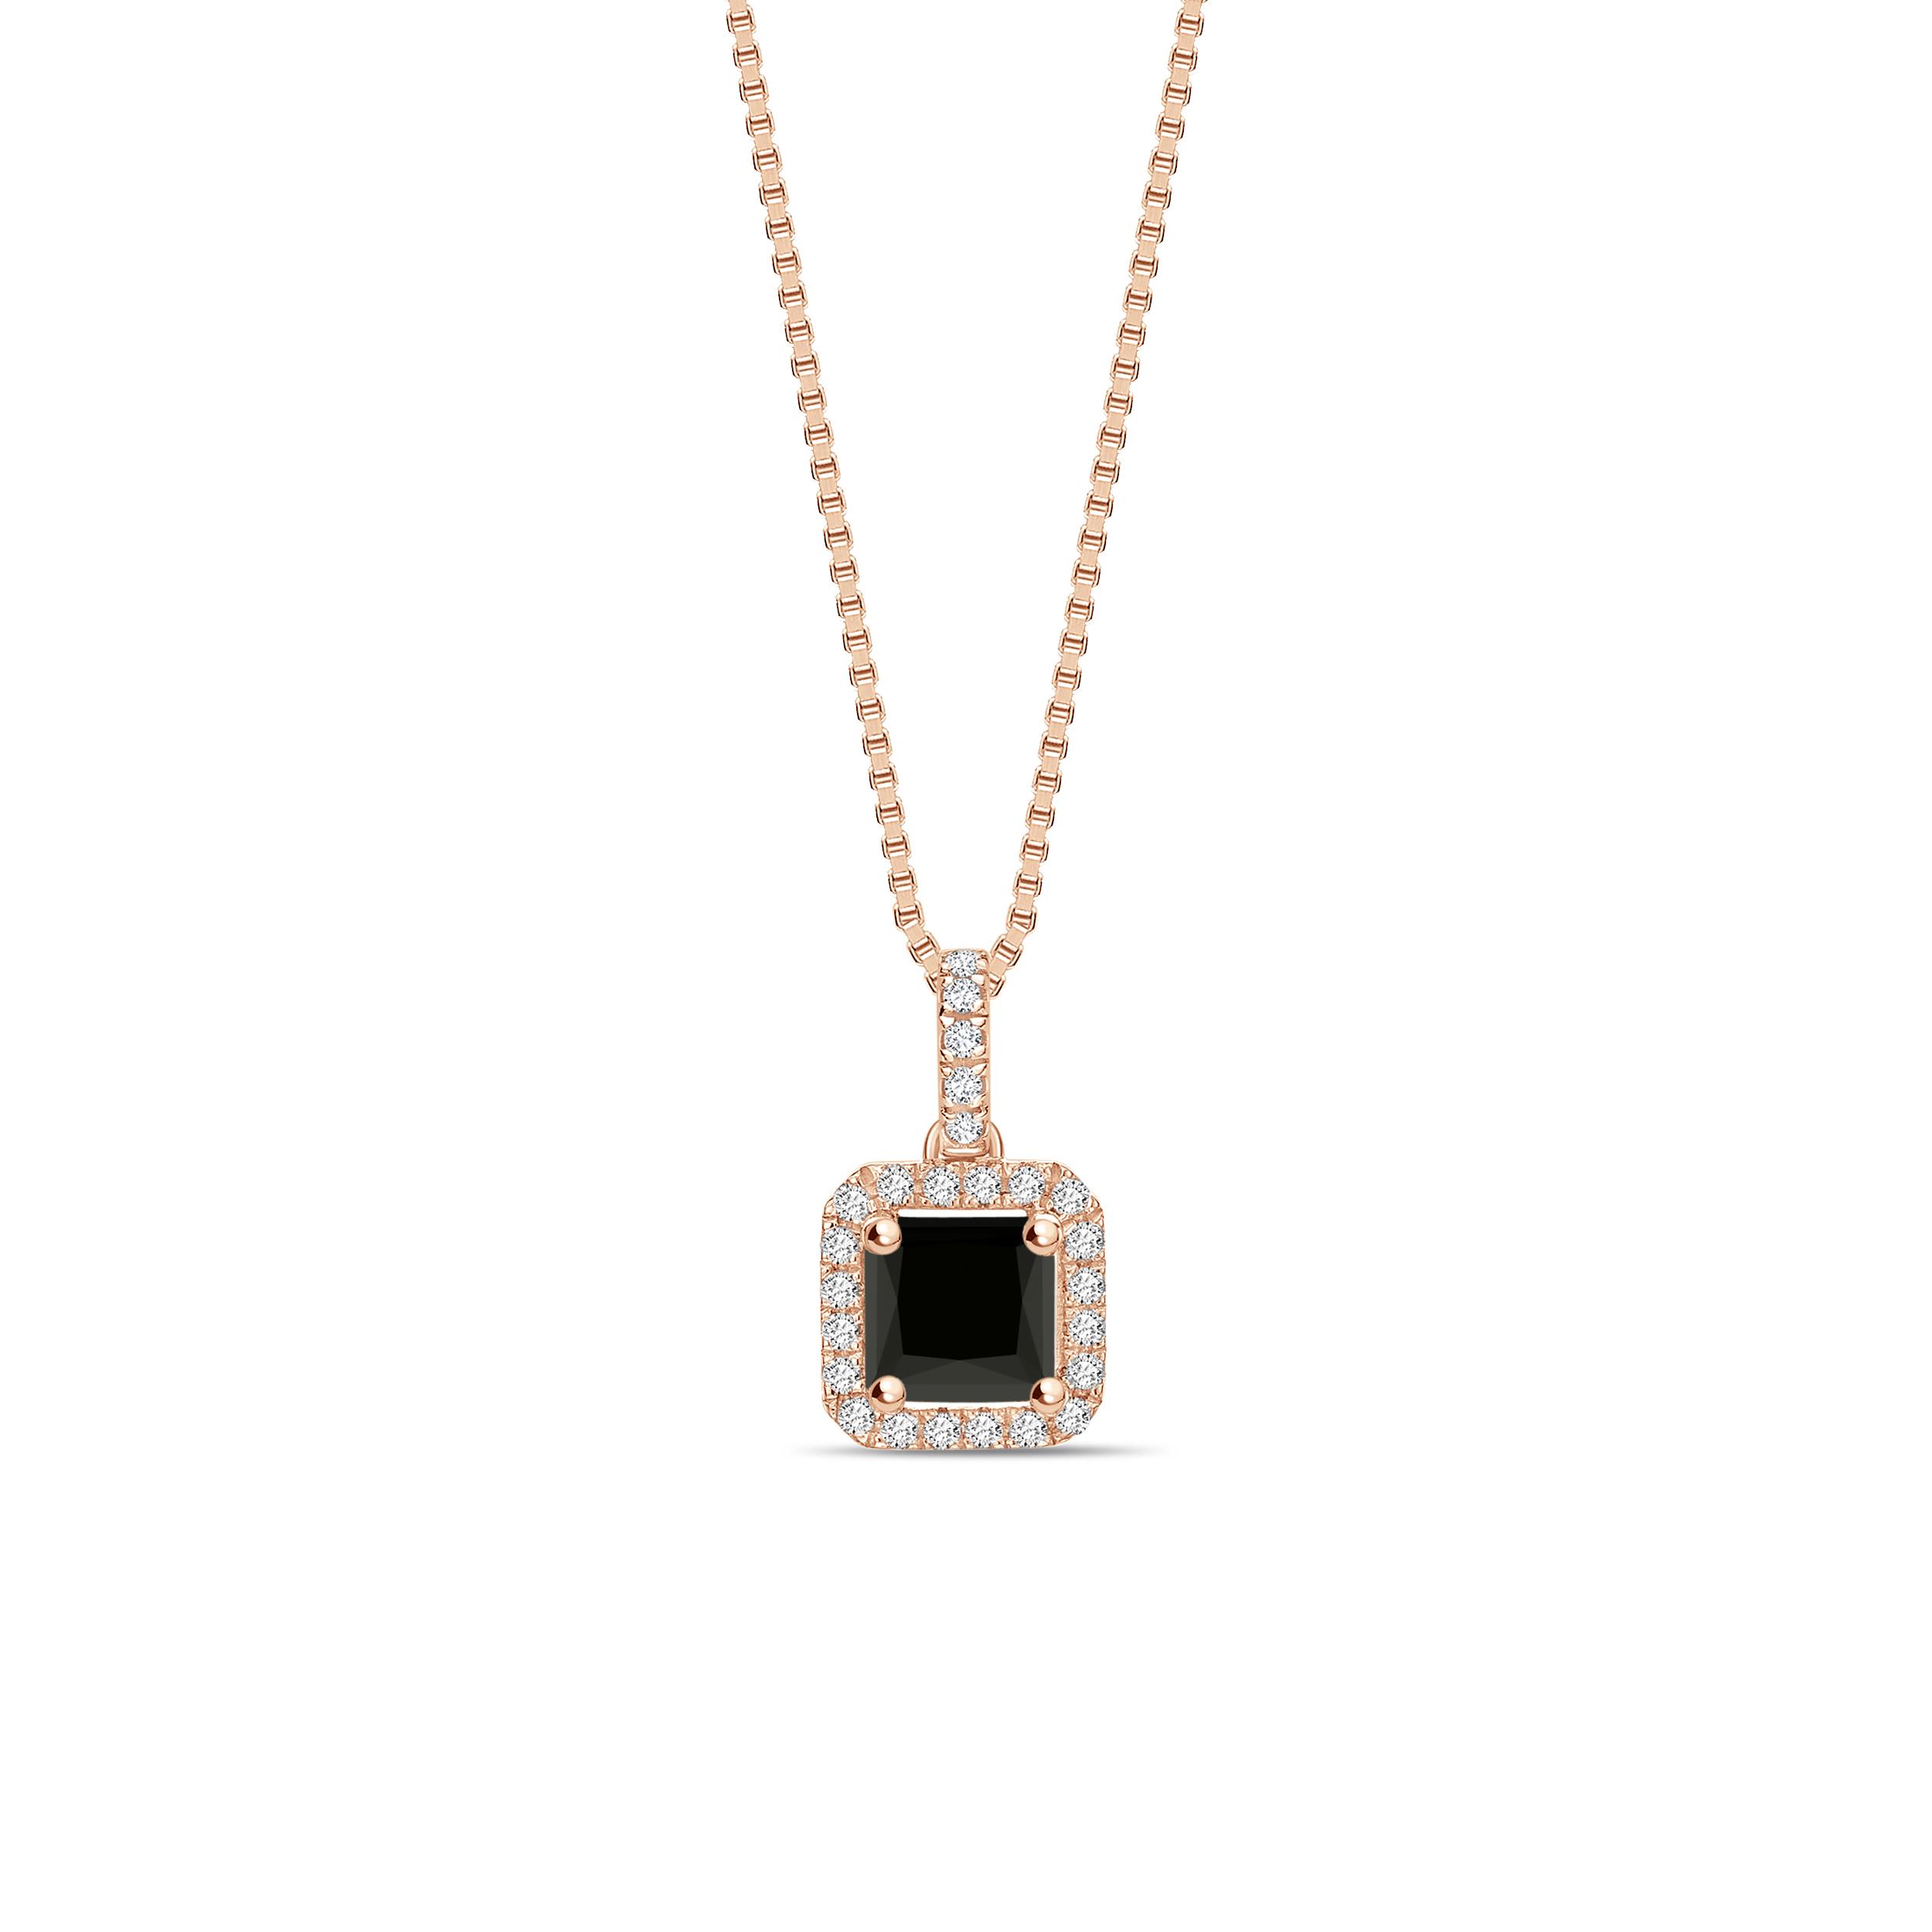 Classic Solitaire Princess Cut Black Diamond Solitaire Pendants Necklace